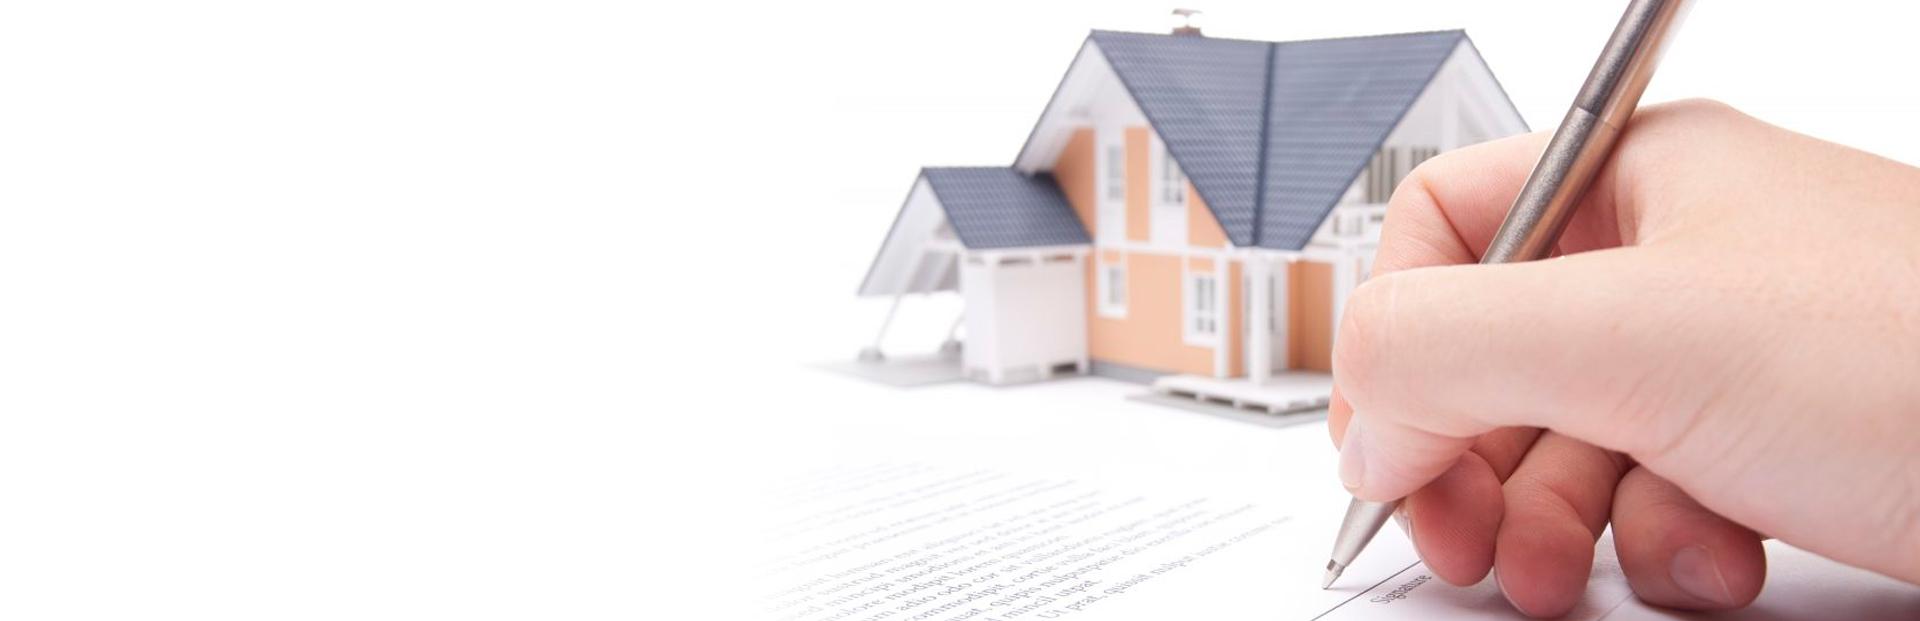 Reclamaci n por gastos hipotecarios honorarios fonfr a for Reclamacion hipoteca suelo